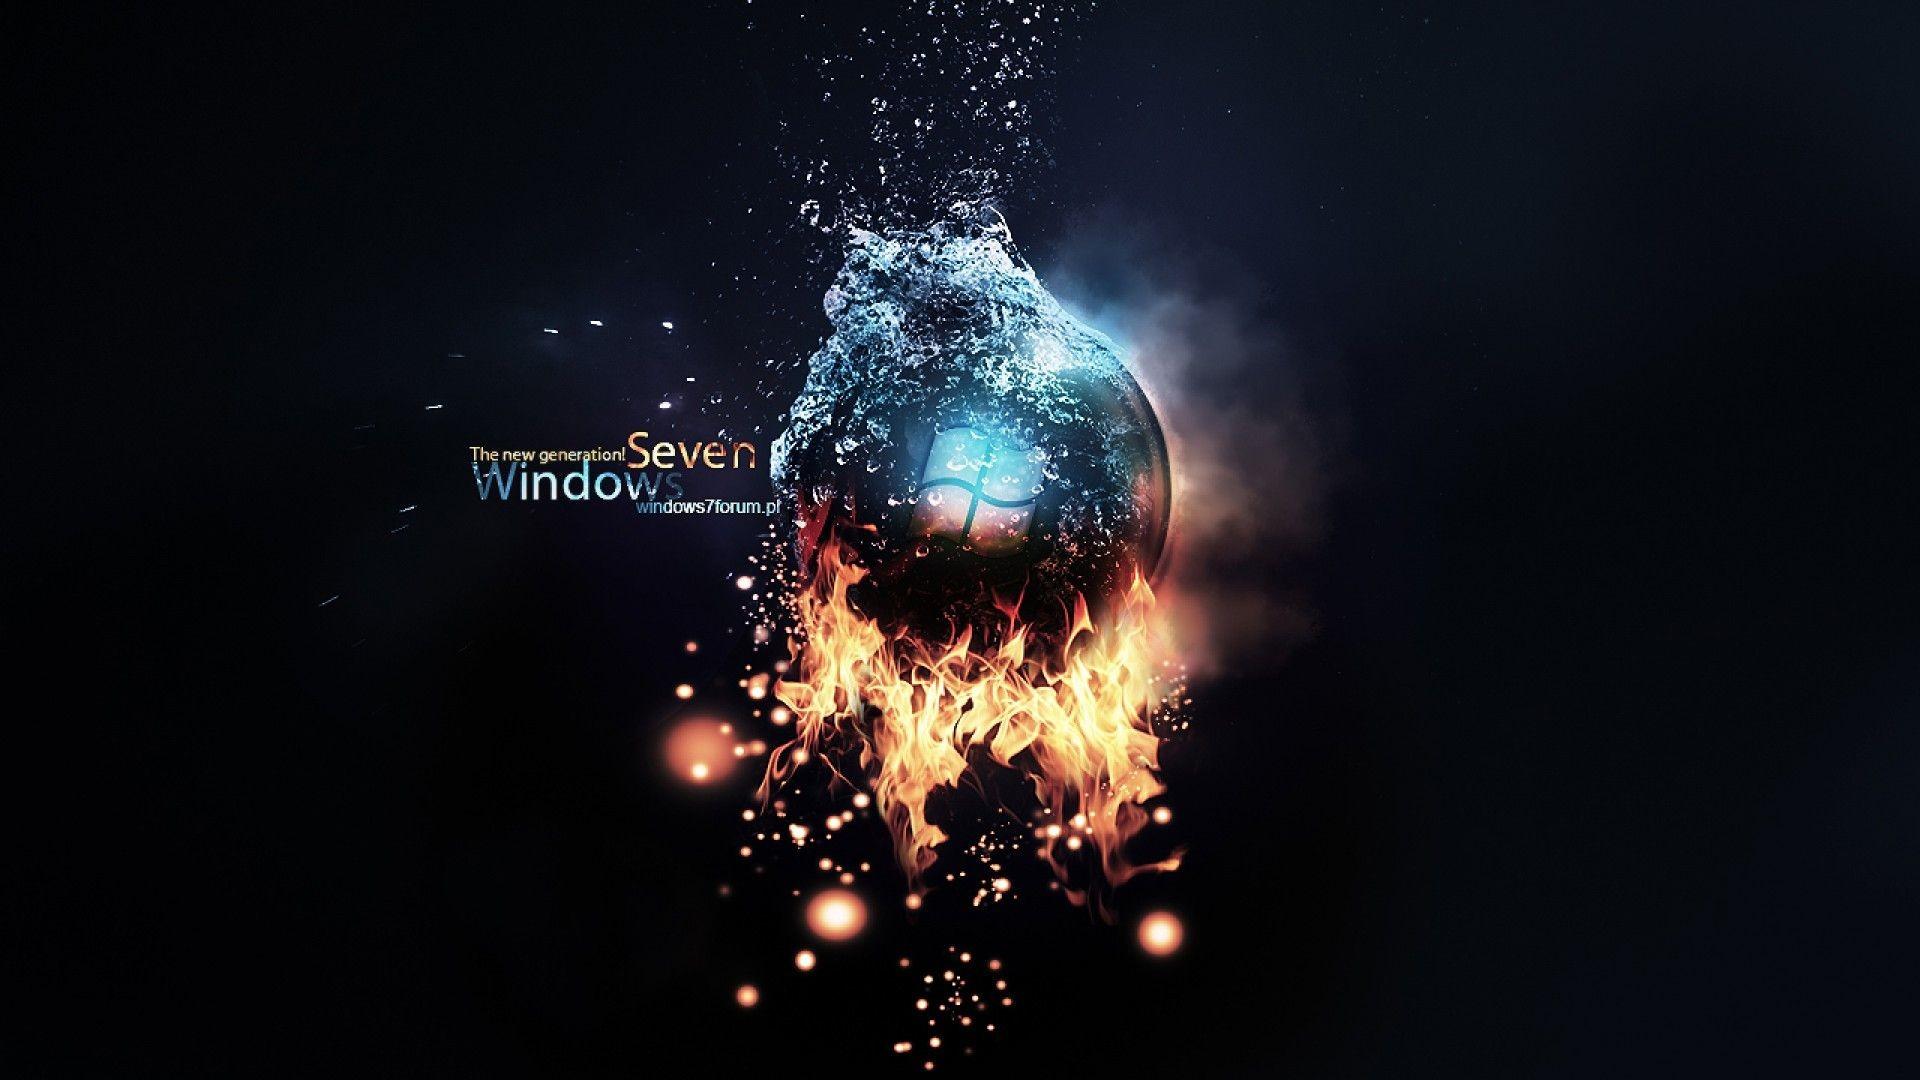 Windows 7 Background Desktop 62 Images